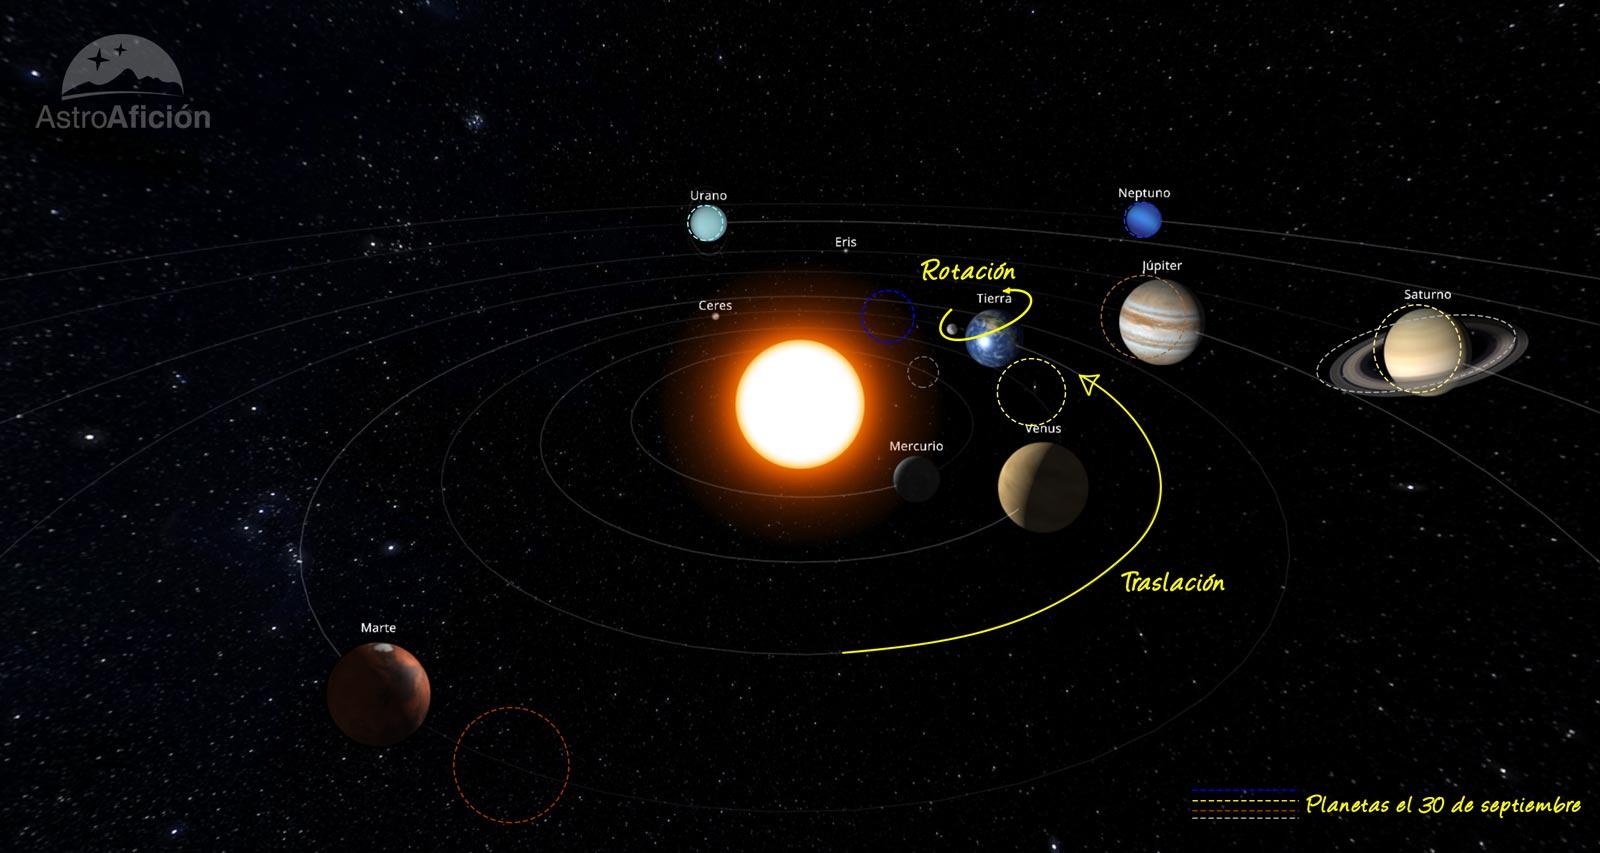 Efemérides astronómicas de septiembre de 2021